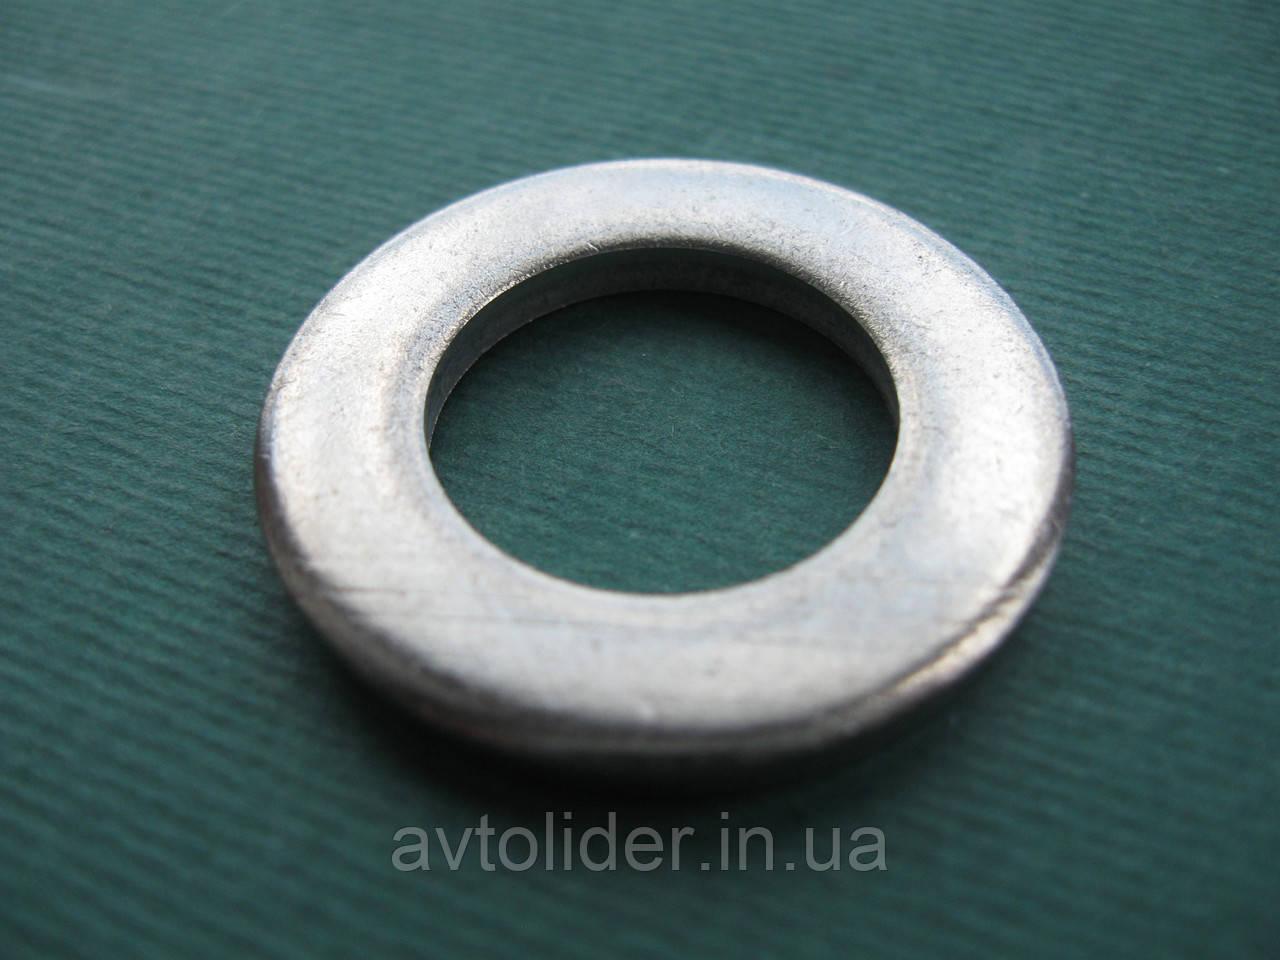 DIN 125 А (ISO 7089; ГОСТ 11371-78) : нержавеющая шайба плоская, форма А (без фаски)